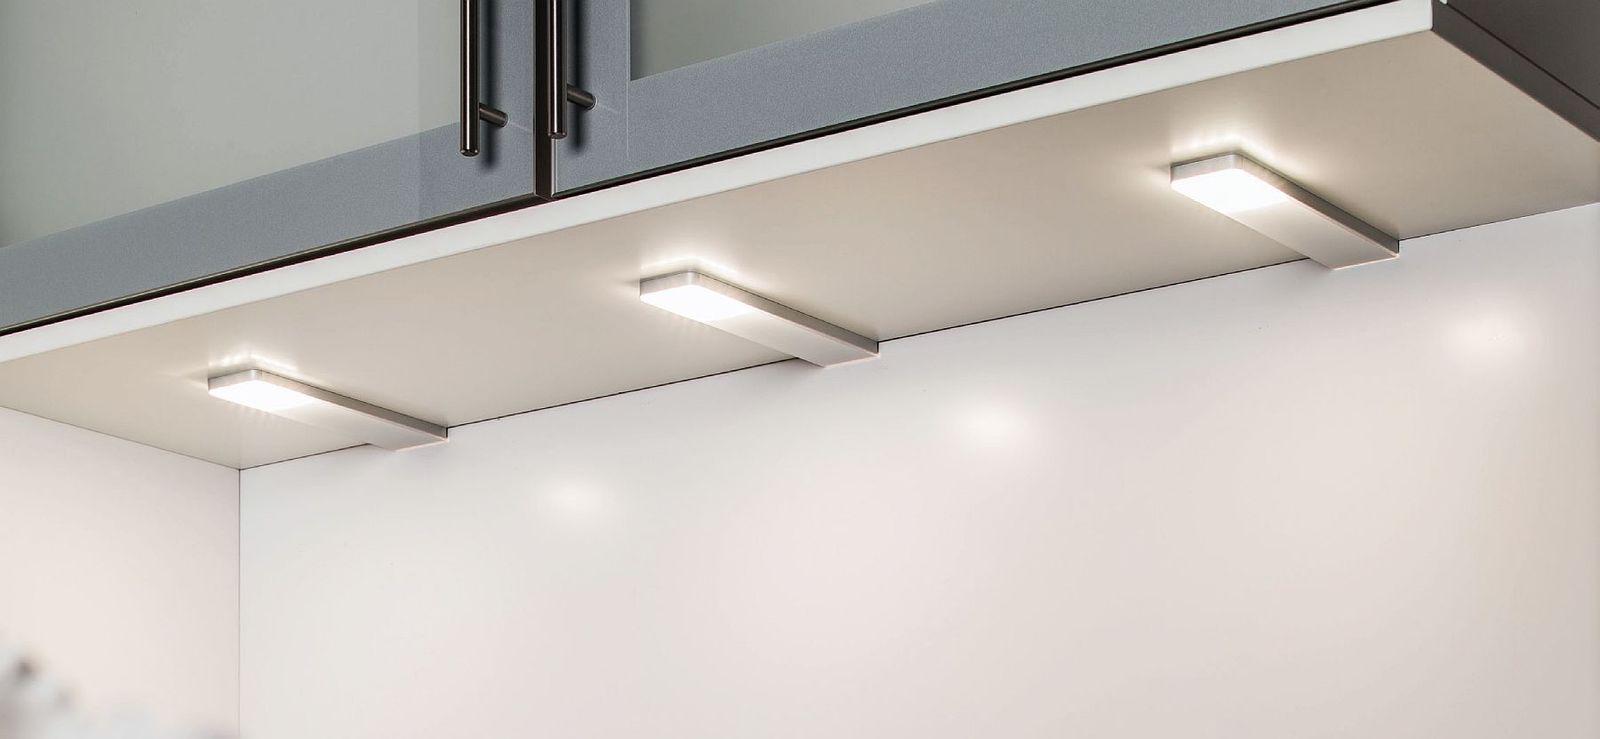 Fantastisch Unterbau Küchenbeleuchtung Ideen Galerie - Ideen Für Die ...